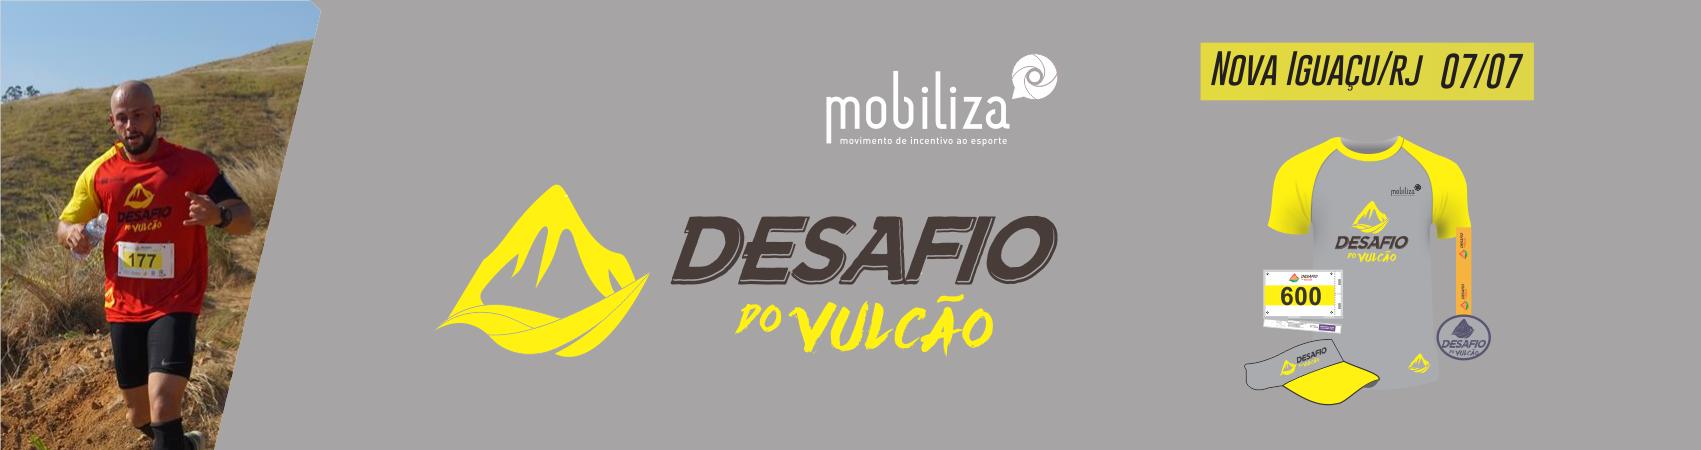 DESAFIO DO VULCÃO 2019